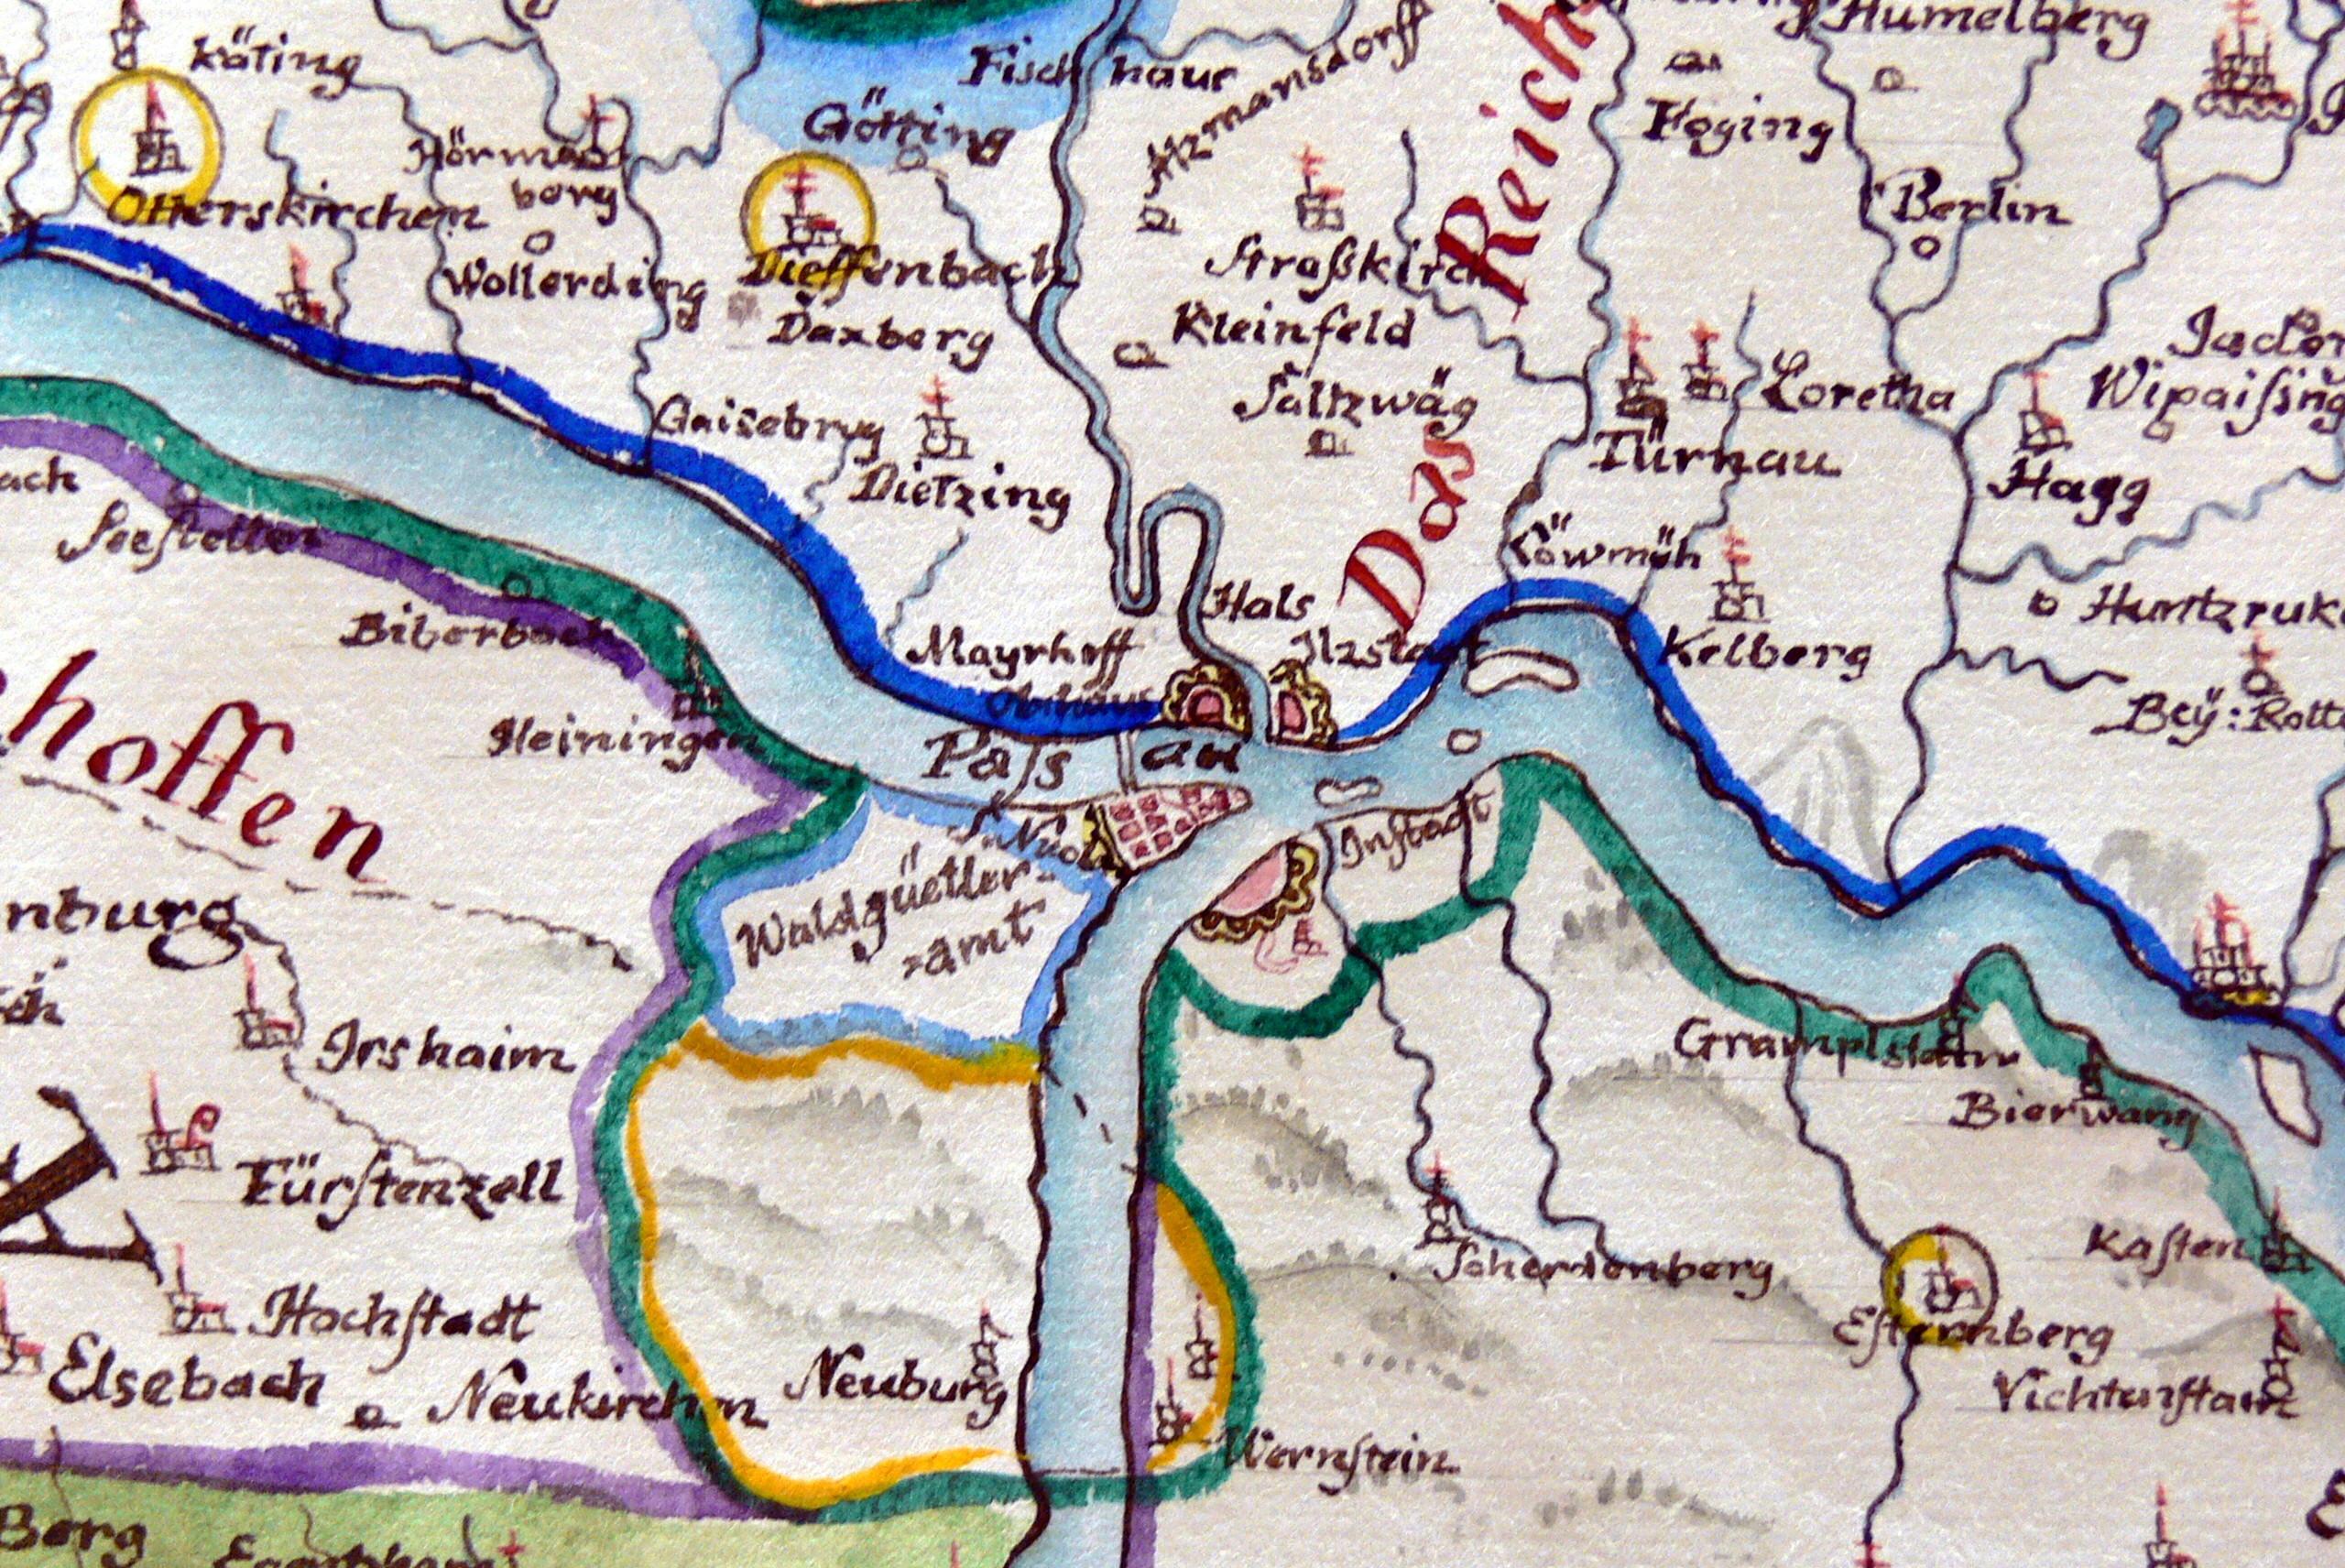 passau karte File:OHM   Karte Bistum Passau 2 Passau.   Wikimedia Commons